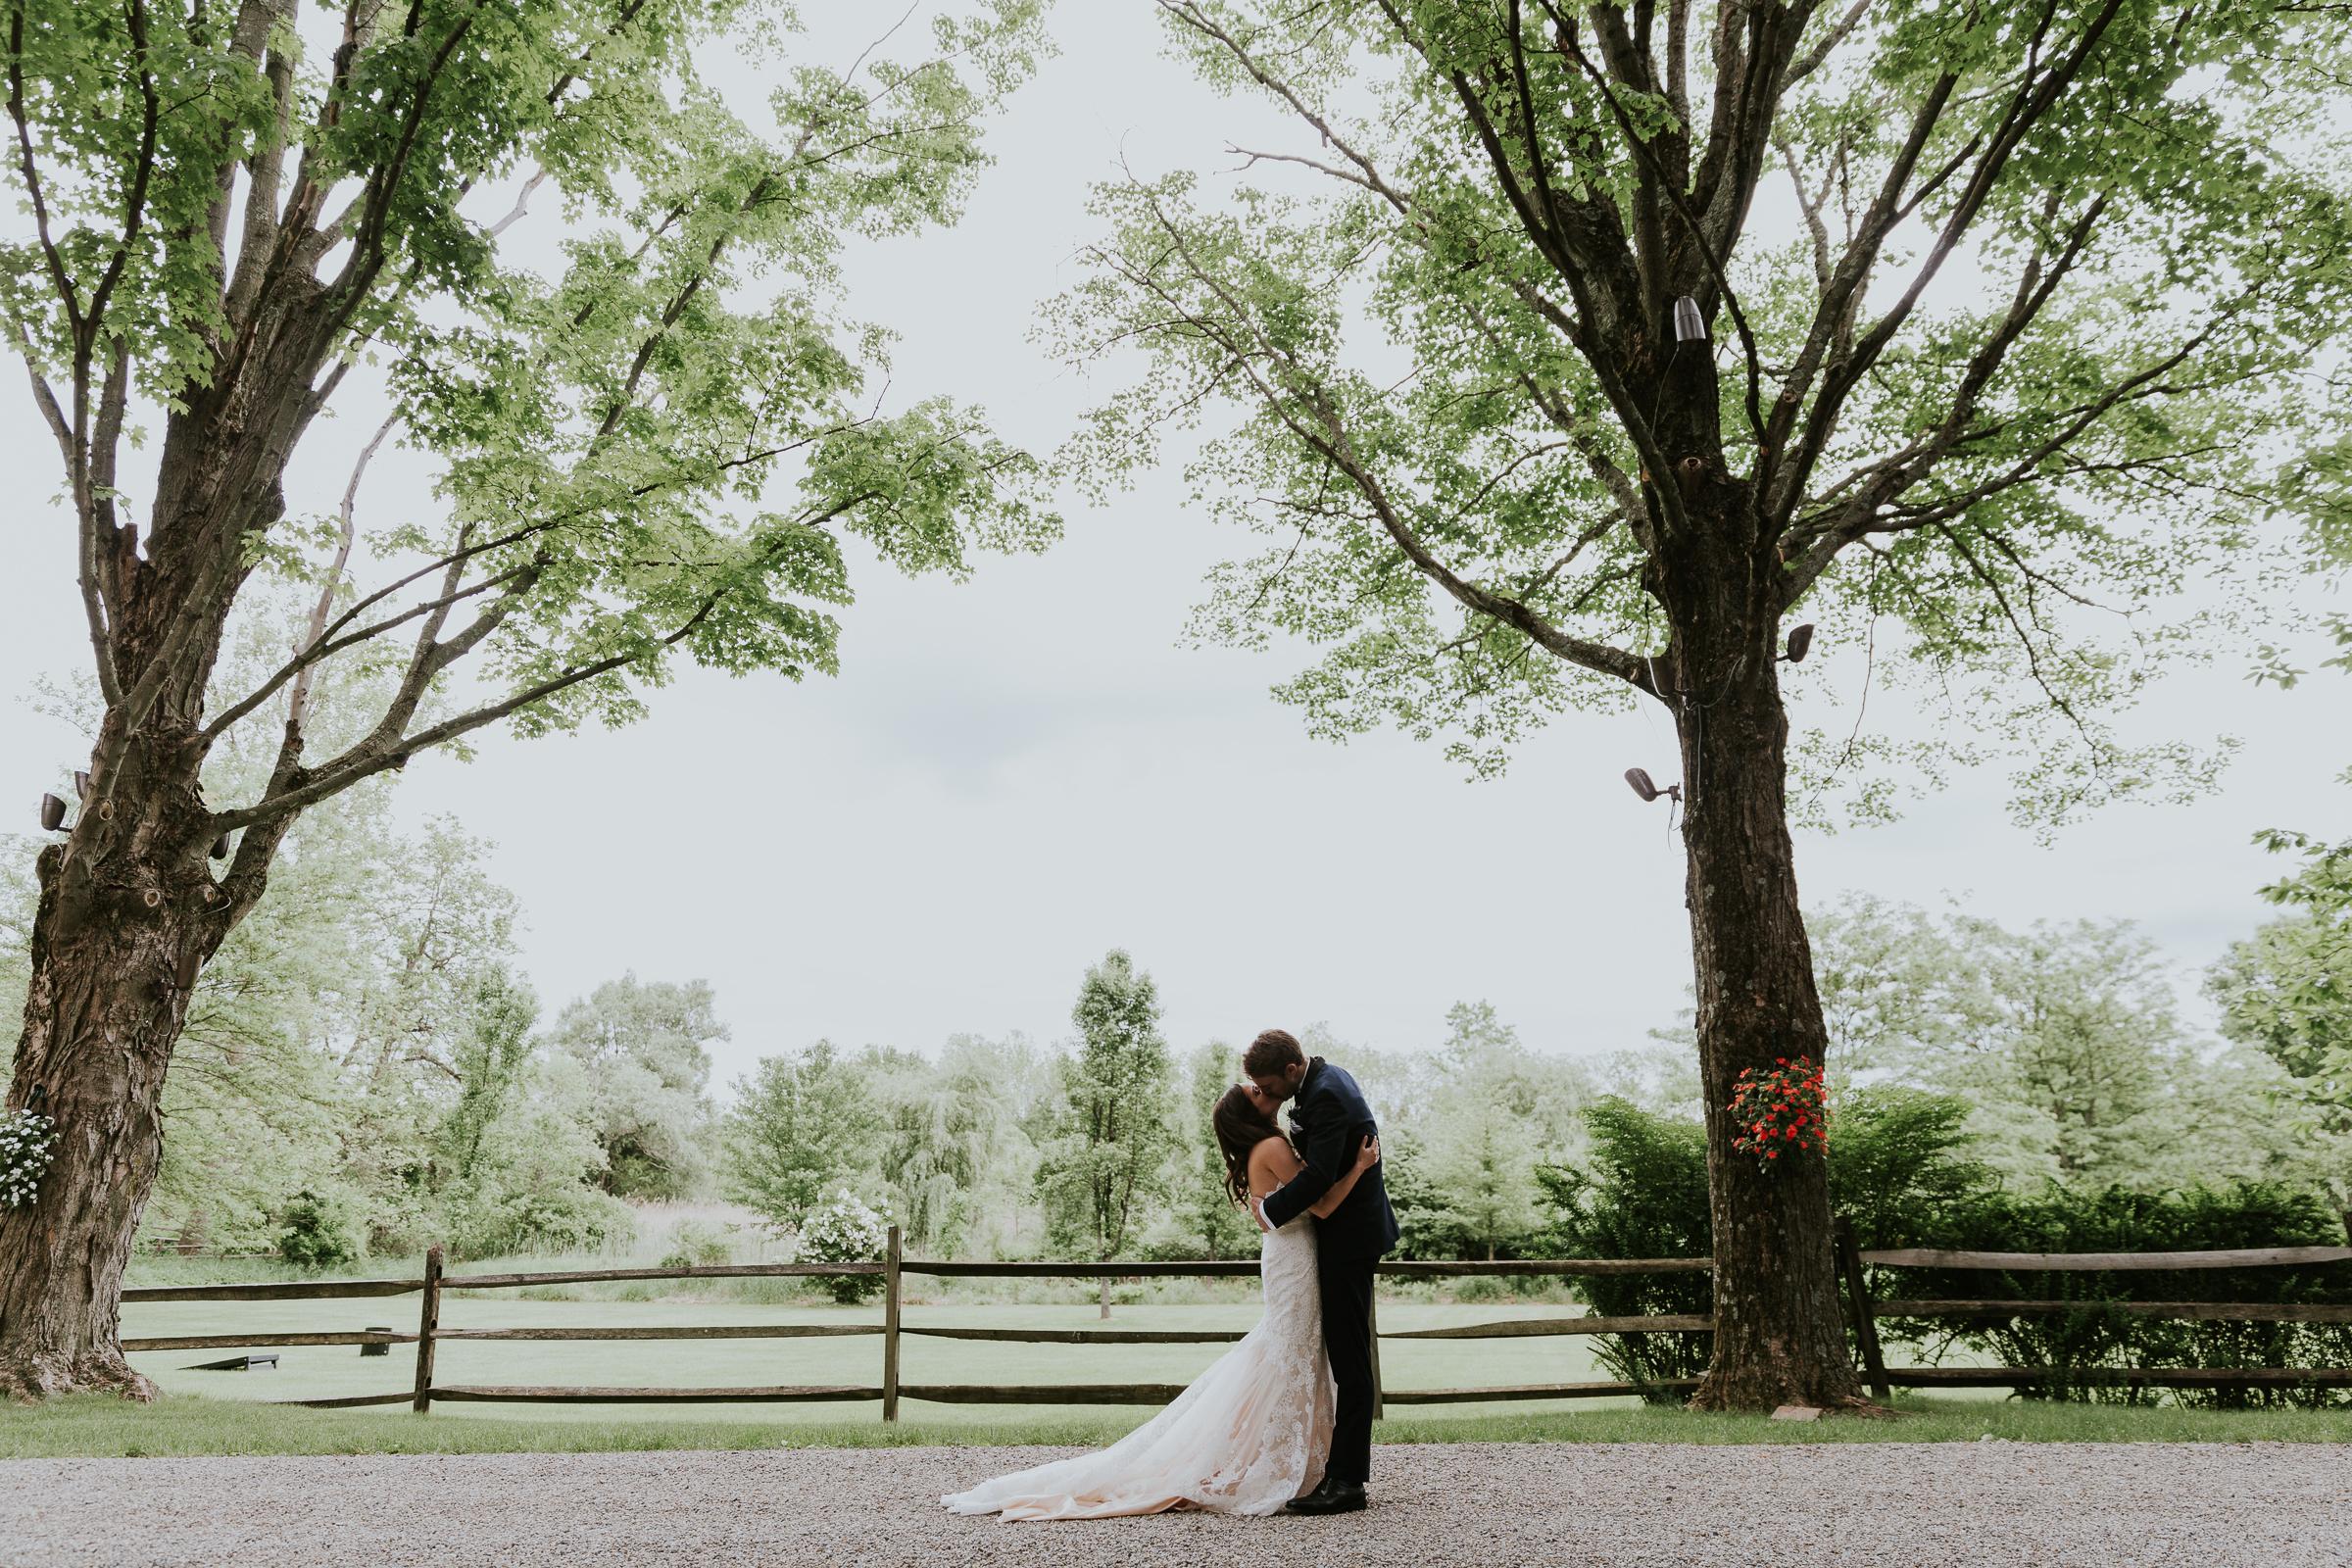 Crossed-Keys-Estate-Andover-NJ-Fine-Art-Documentary-Wedding-Photographer-43.jpg